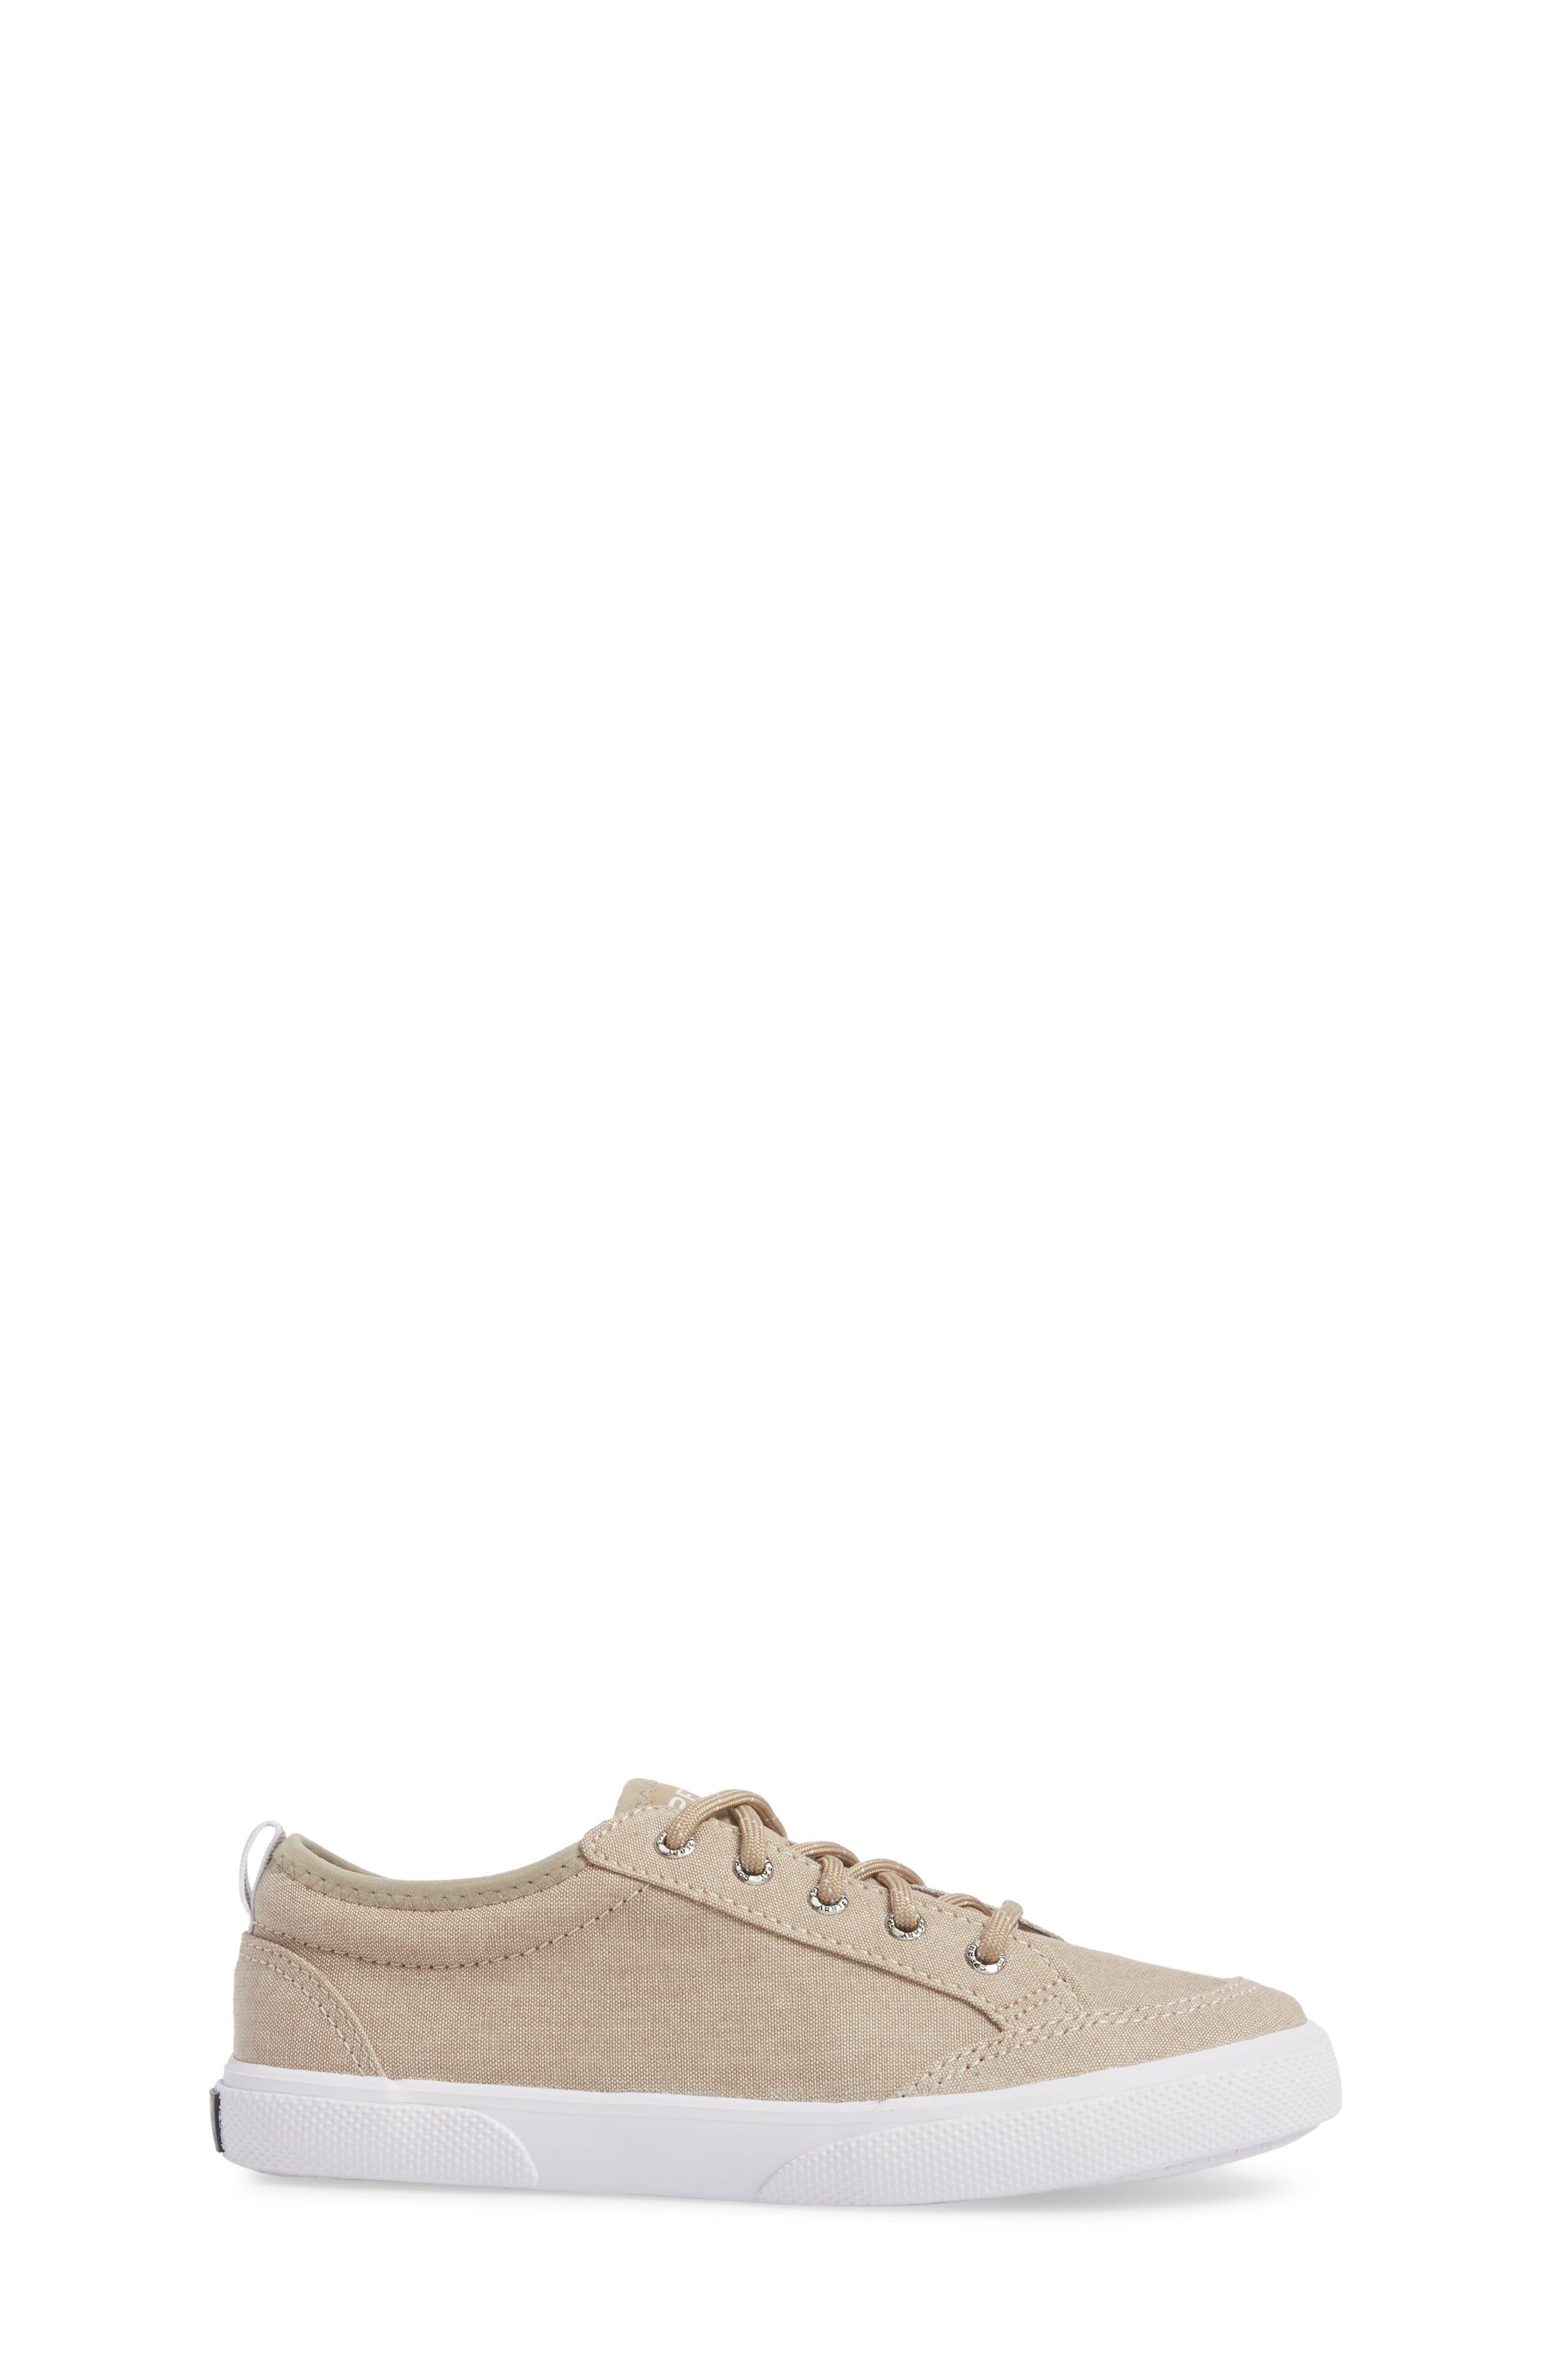 Deckfin Sneaker,                             Alternate thumbnail 3, color,                             Khaki